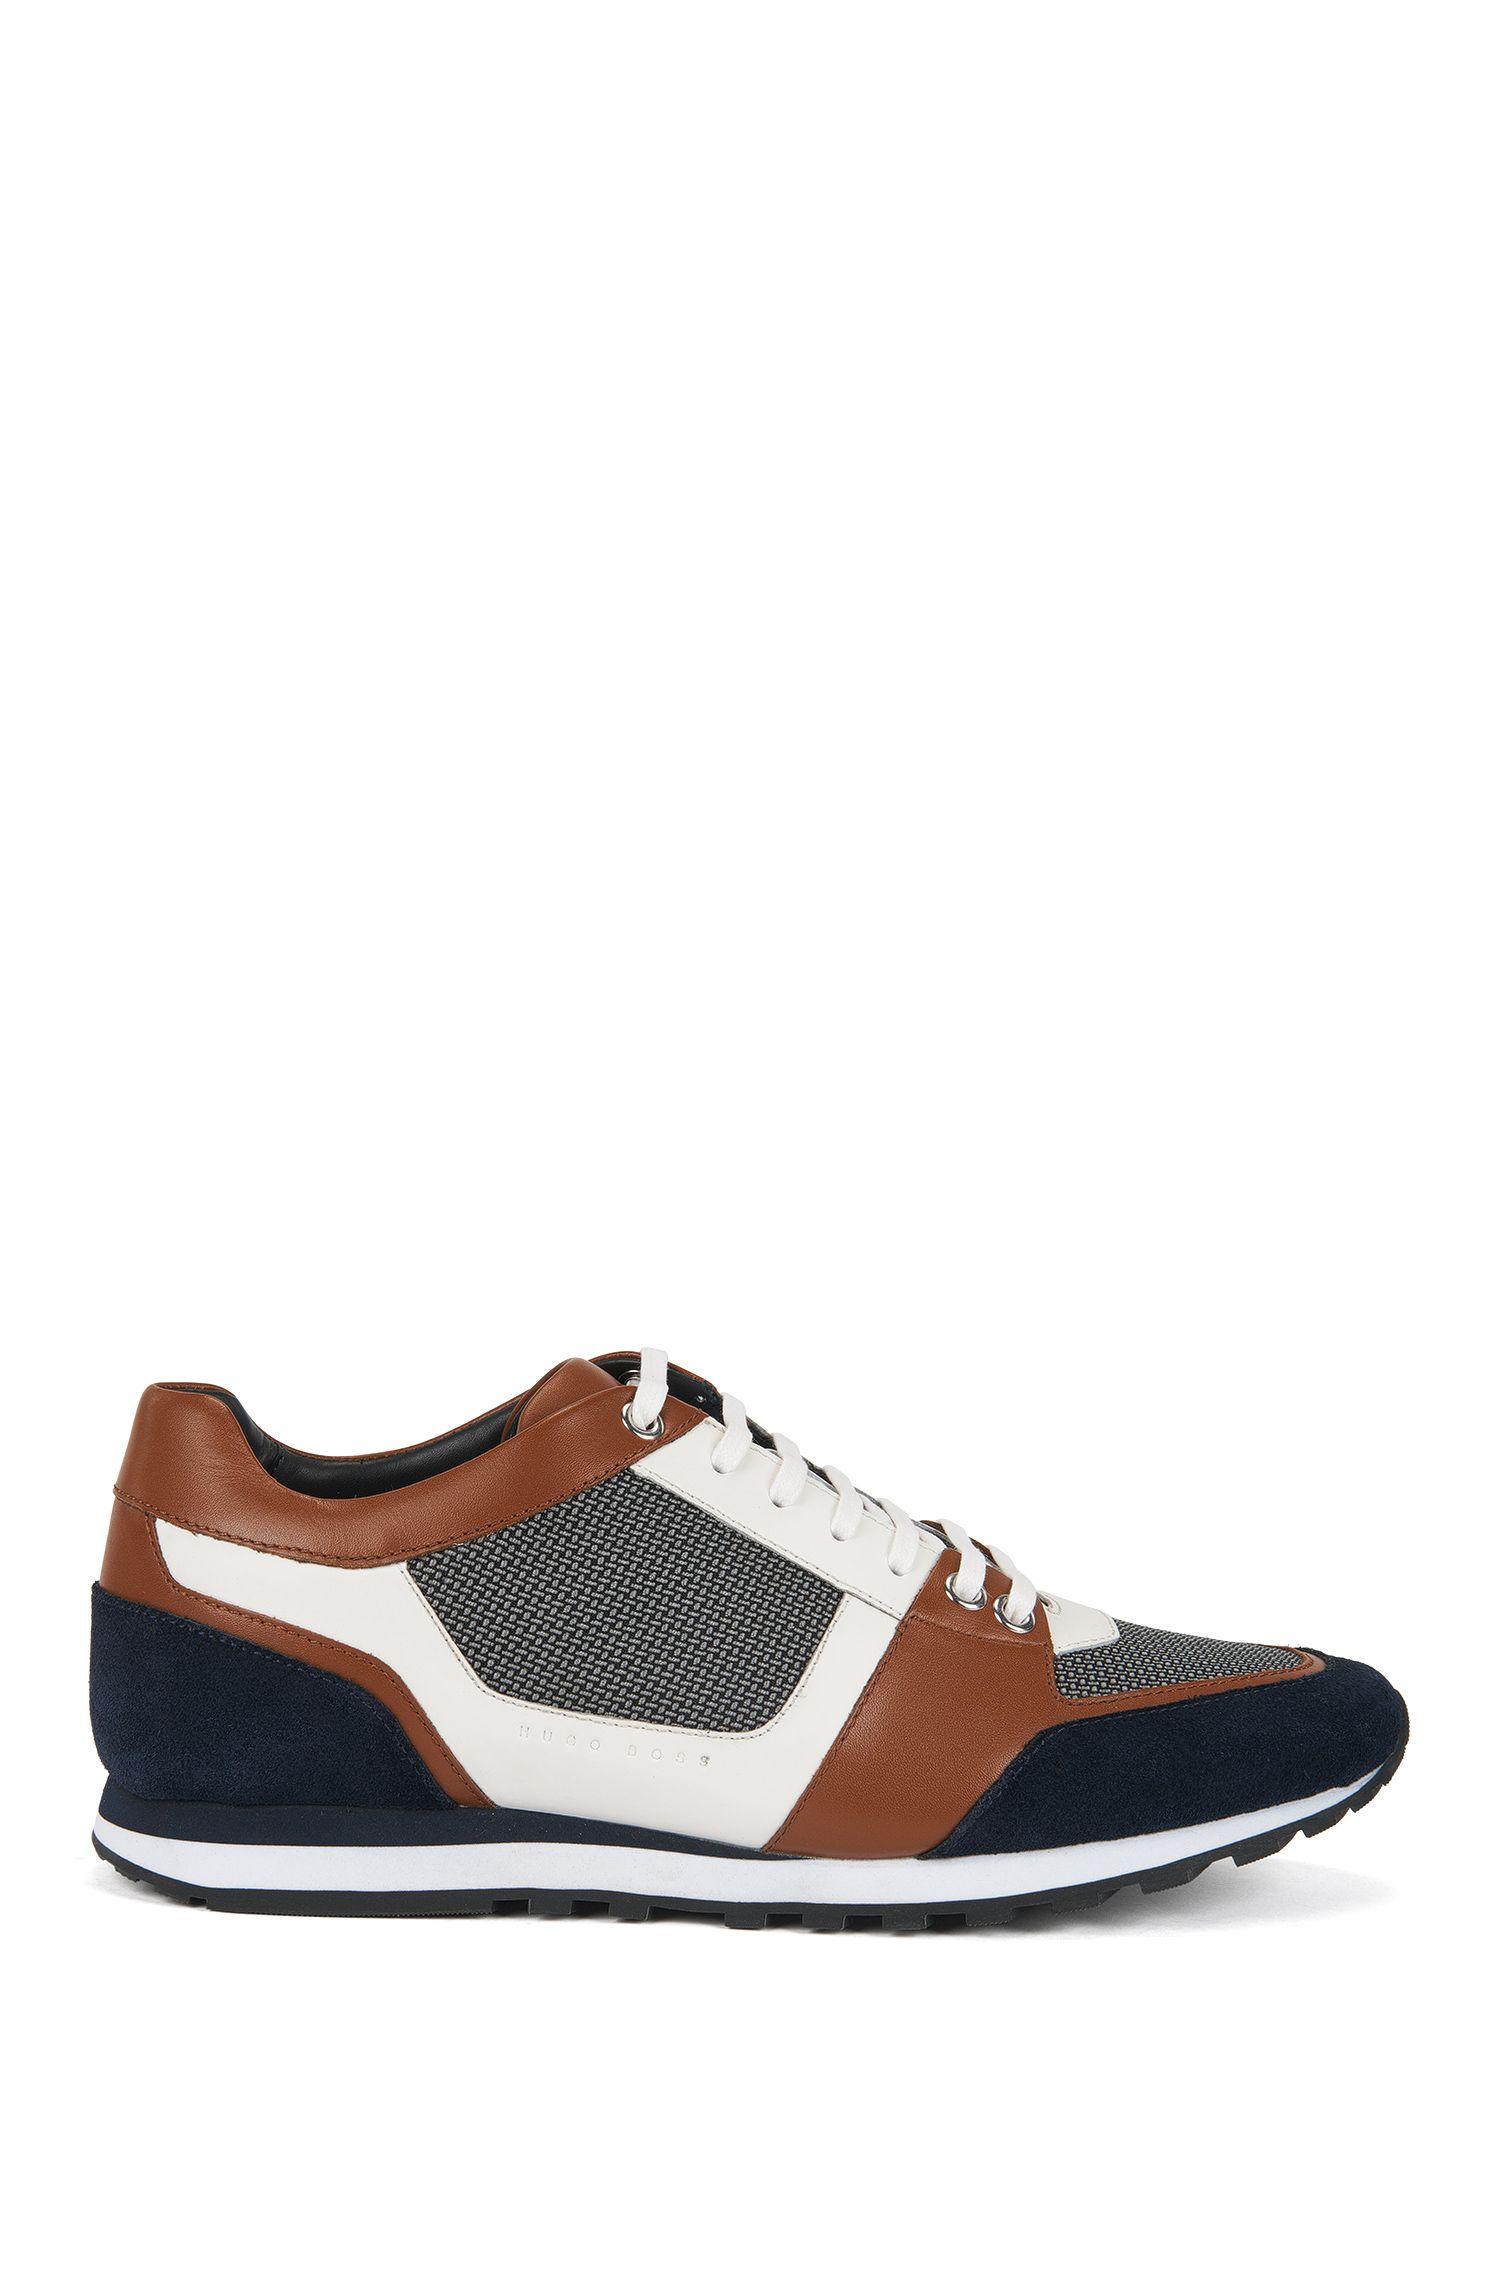 Sneakers aus Leder mit Textil-Besätzen: 'Breeze_Runn_mx'